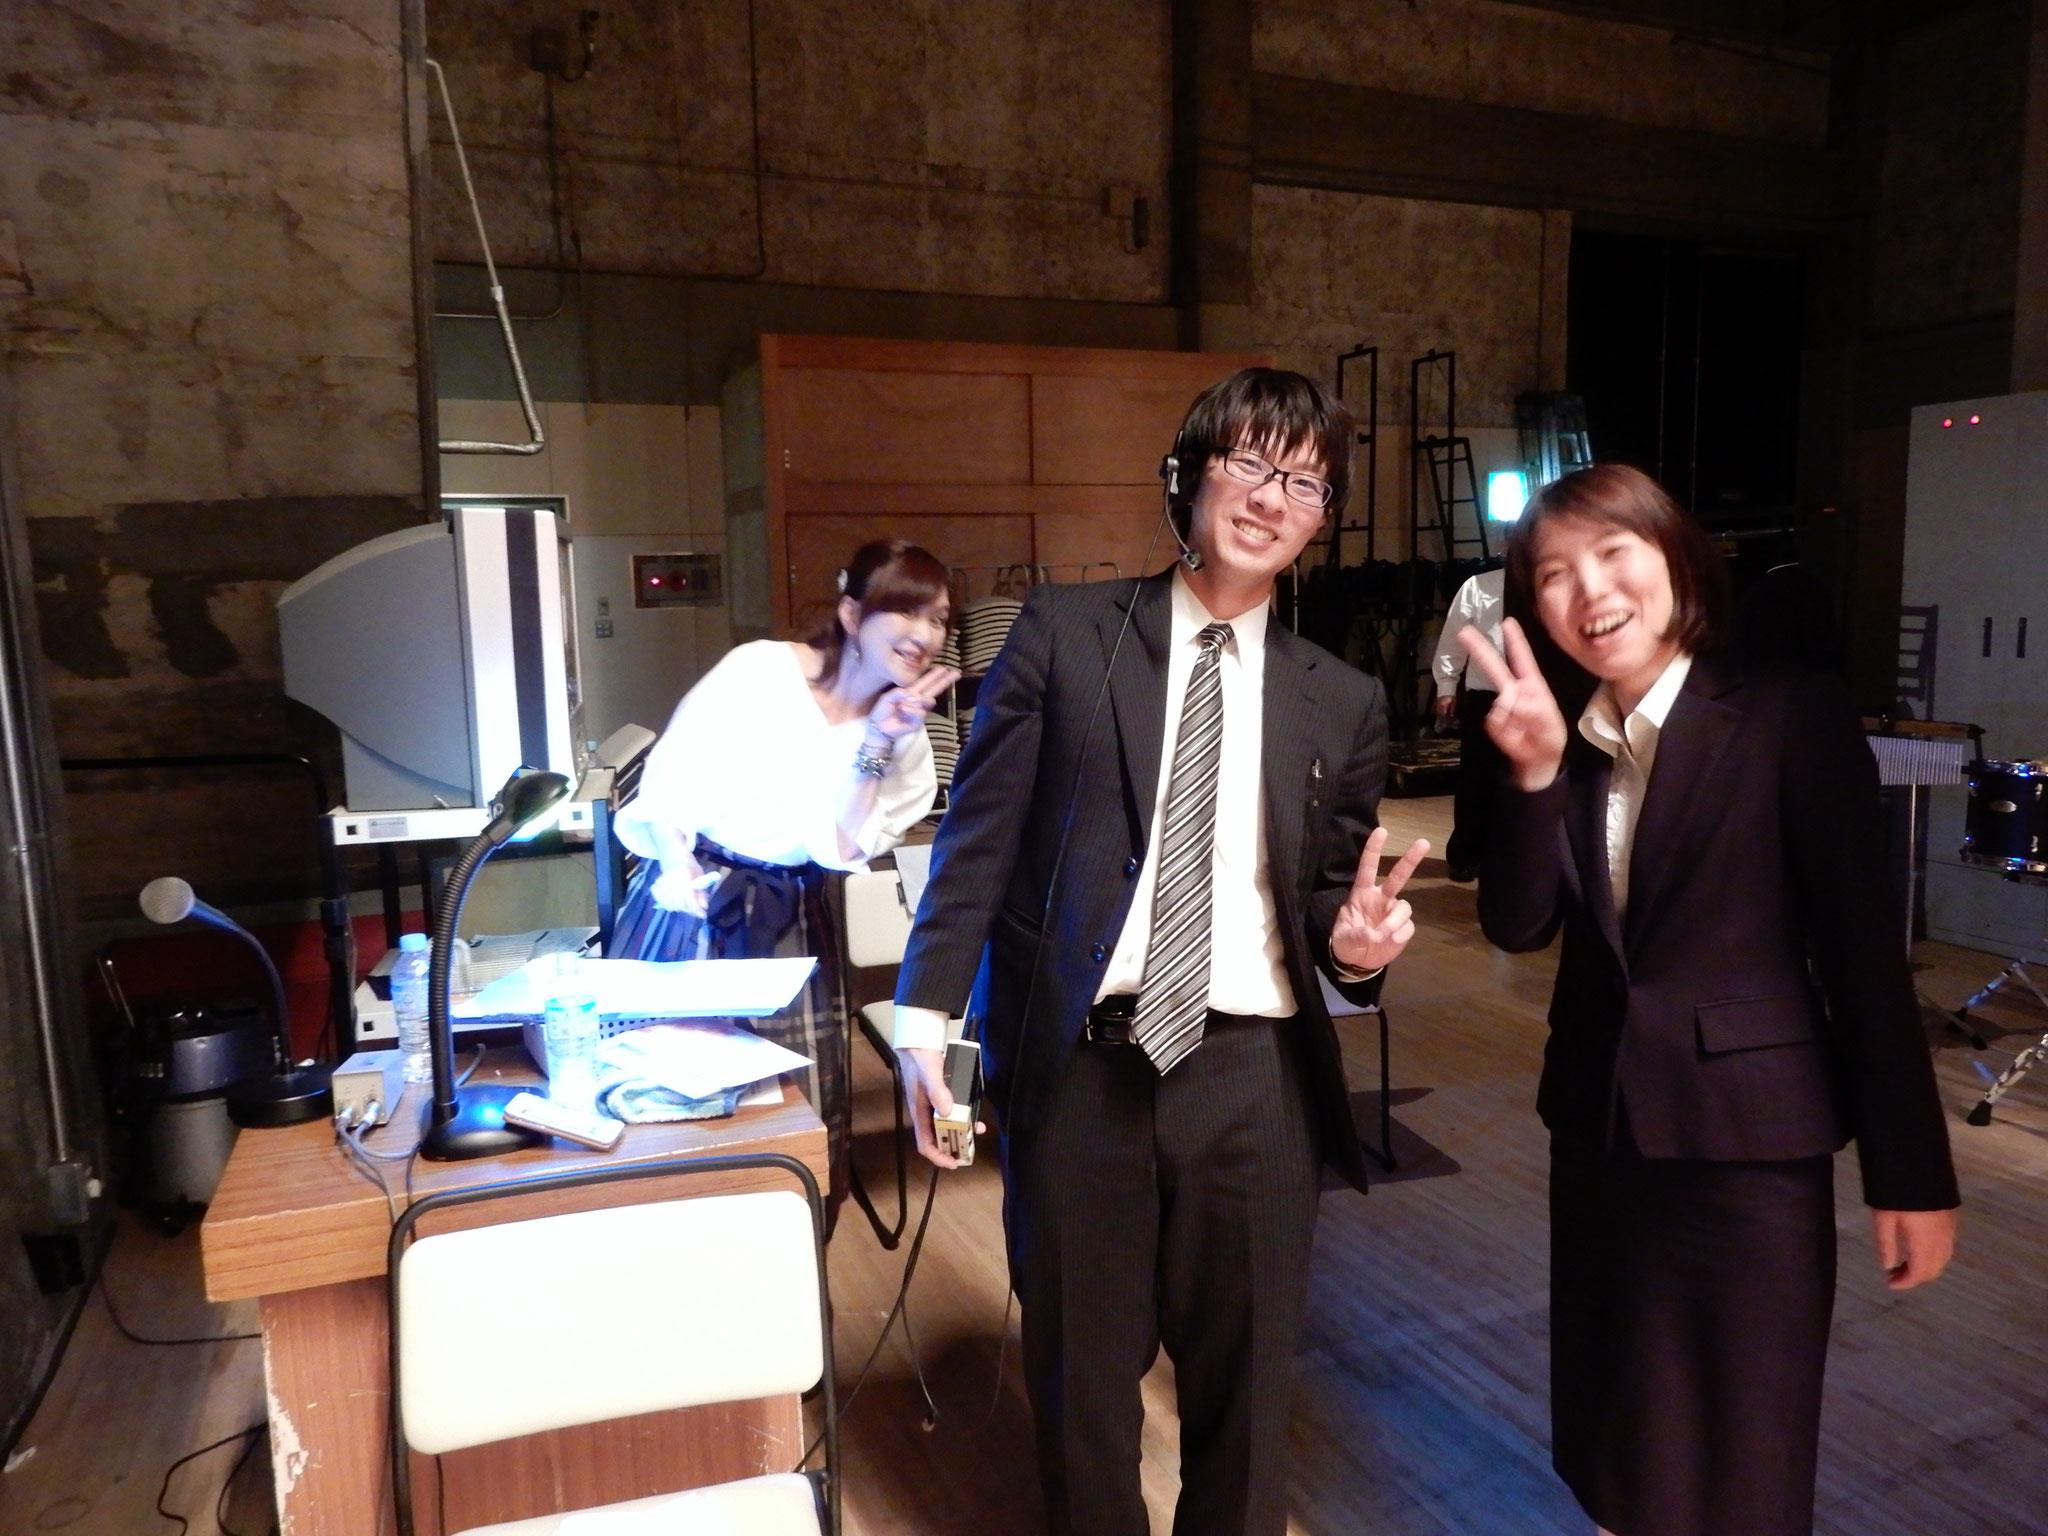 ステージ袖には、演奏会スタッフの最高責任者、ステージマネージャーのコウタとリョウコ。そしてお茶目な司会の海藤アナ。